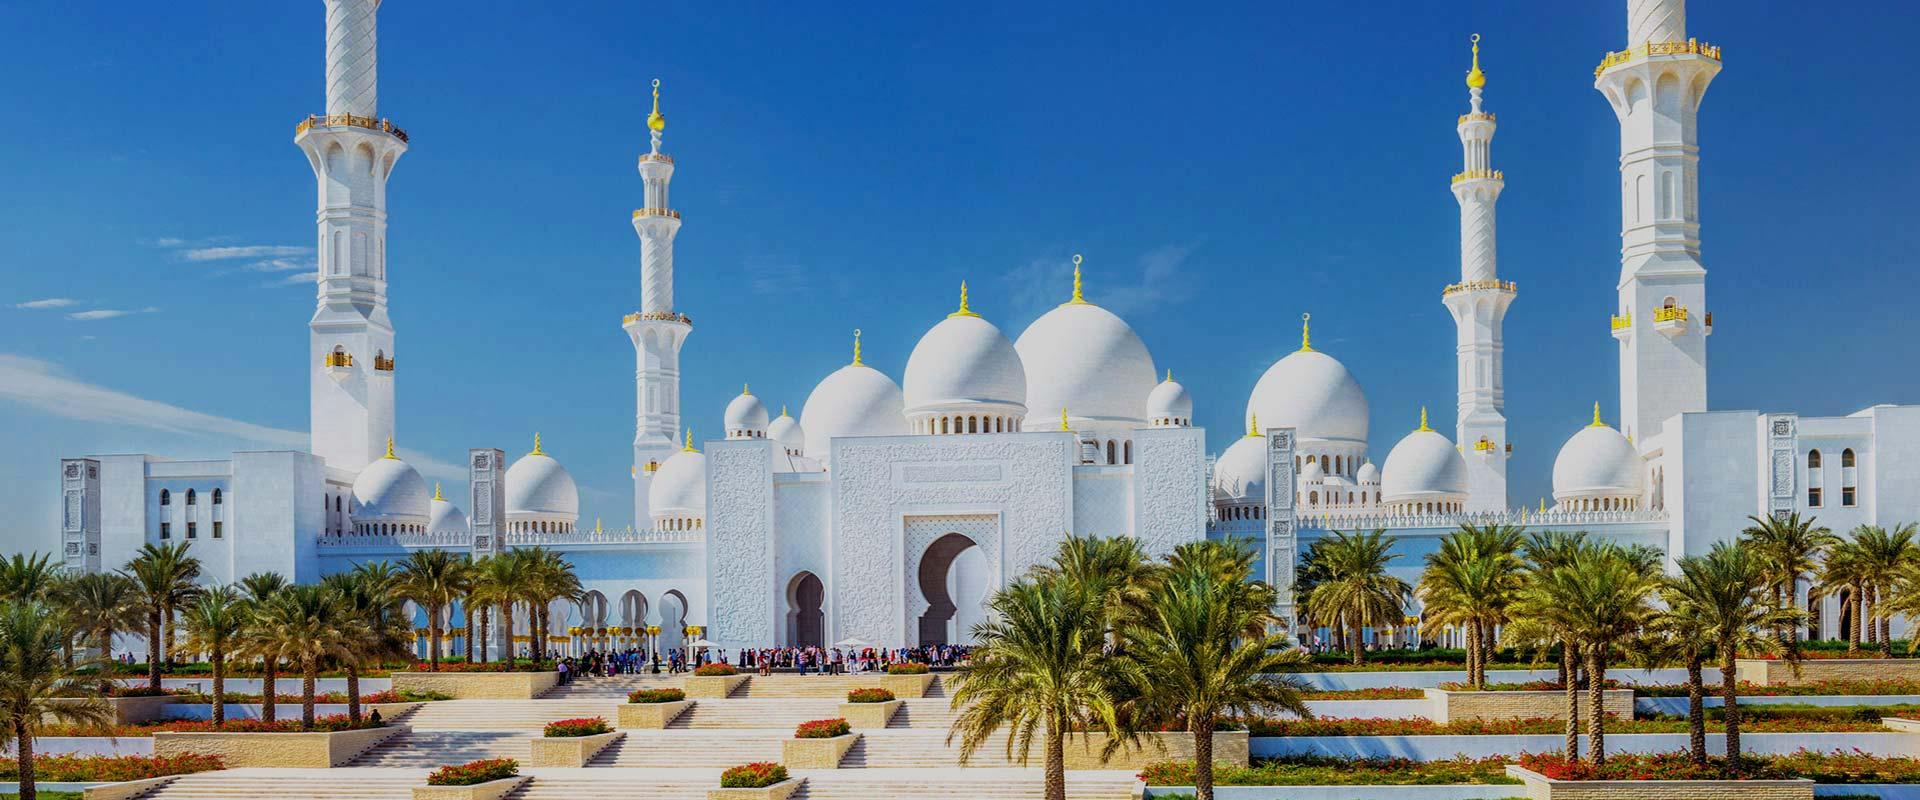 پایتخت دبی کجاست؟ پایتخت امارات کجاست؟